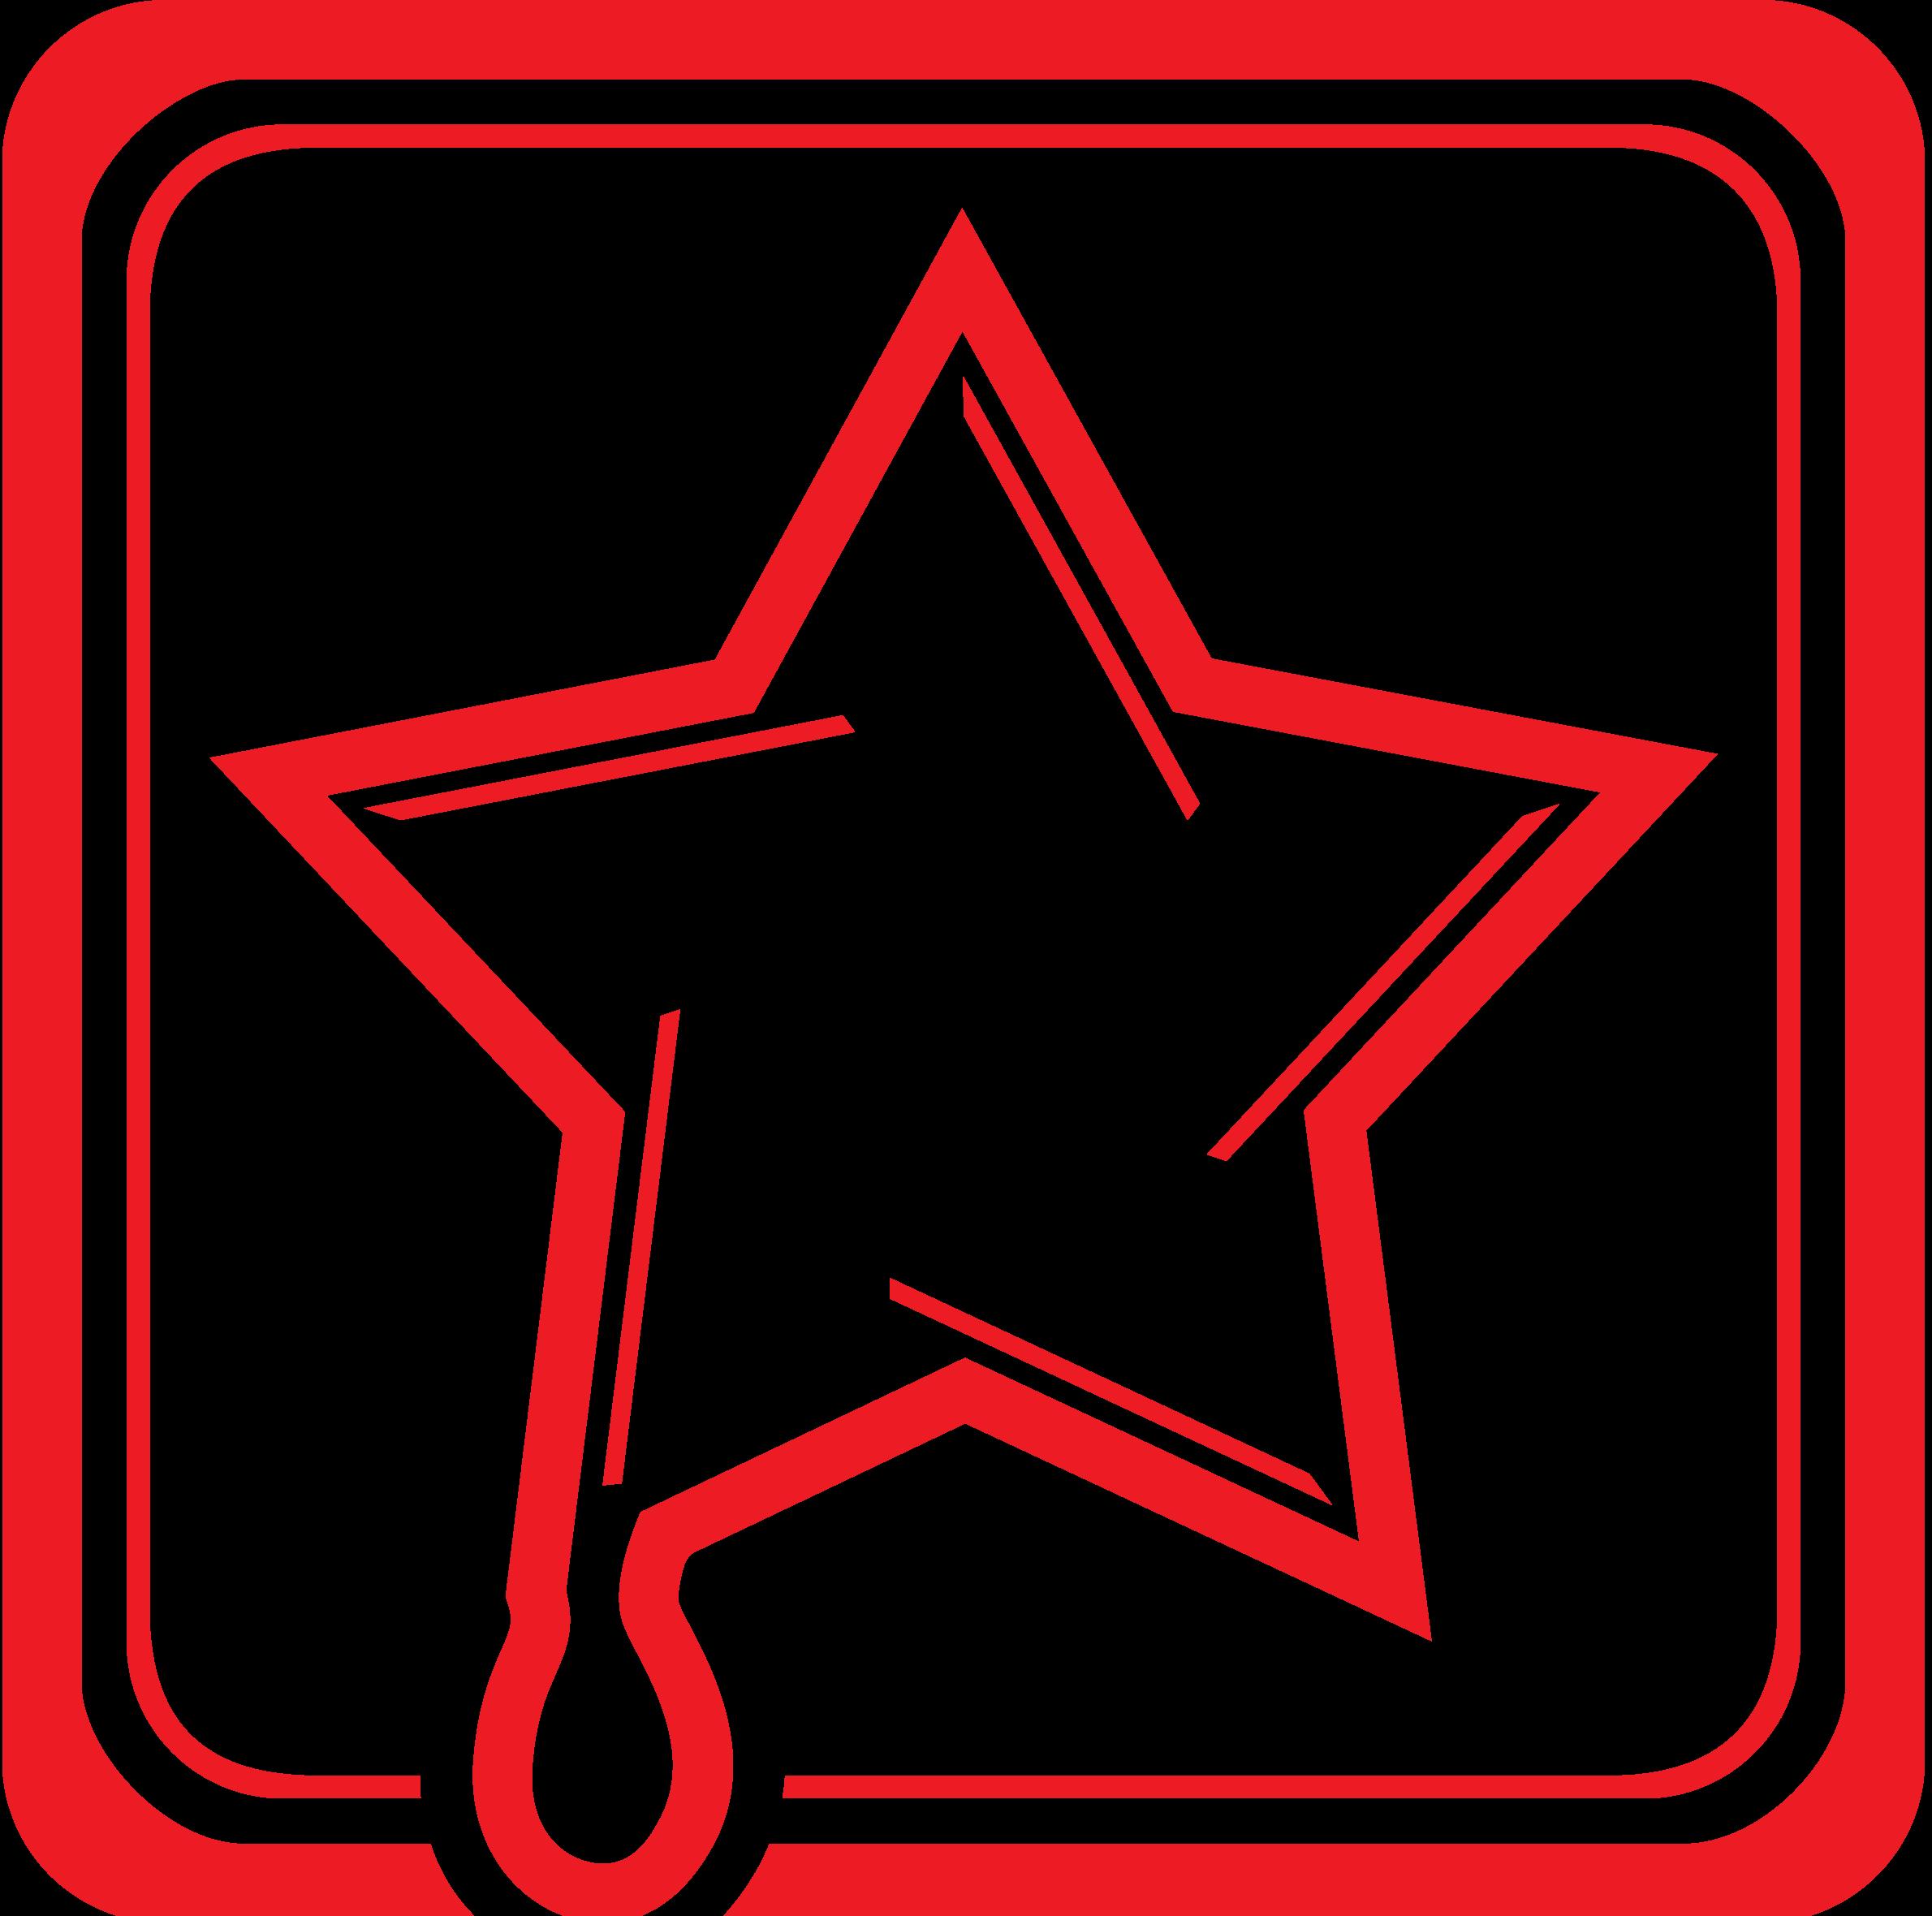 StardropTransparentLarge.png